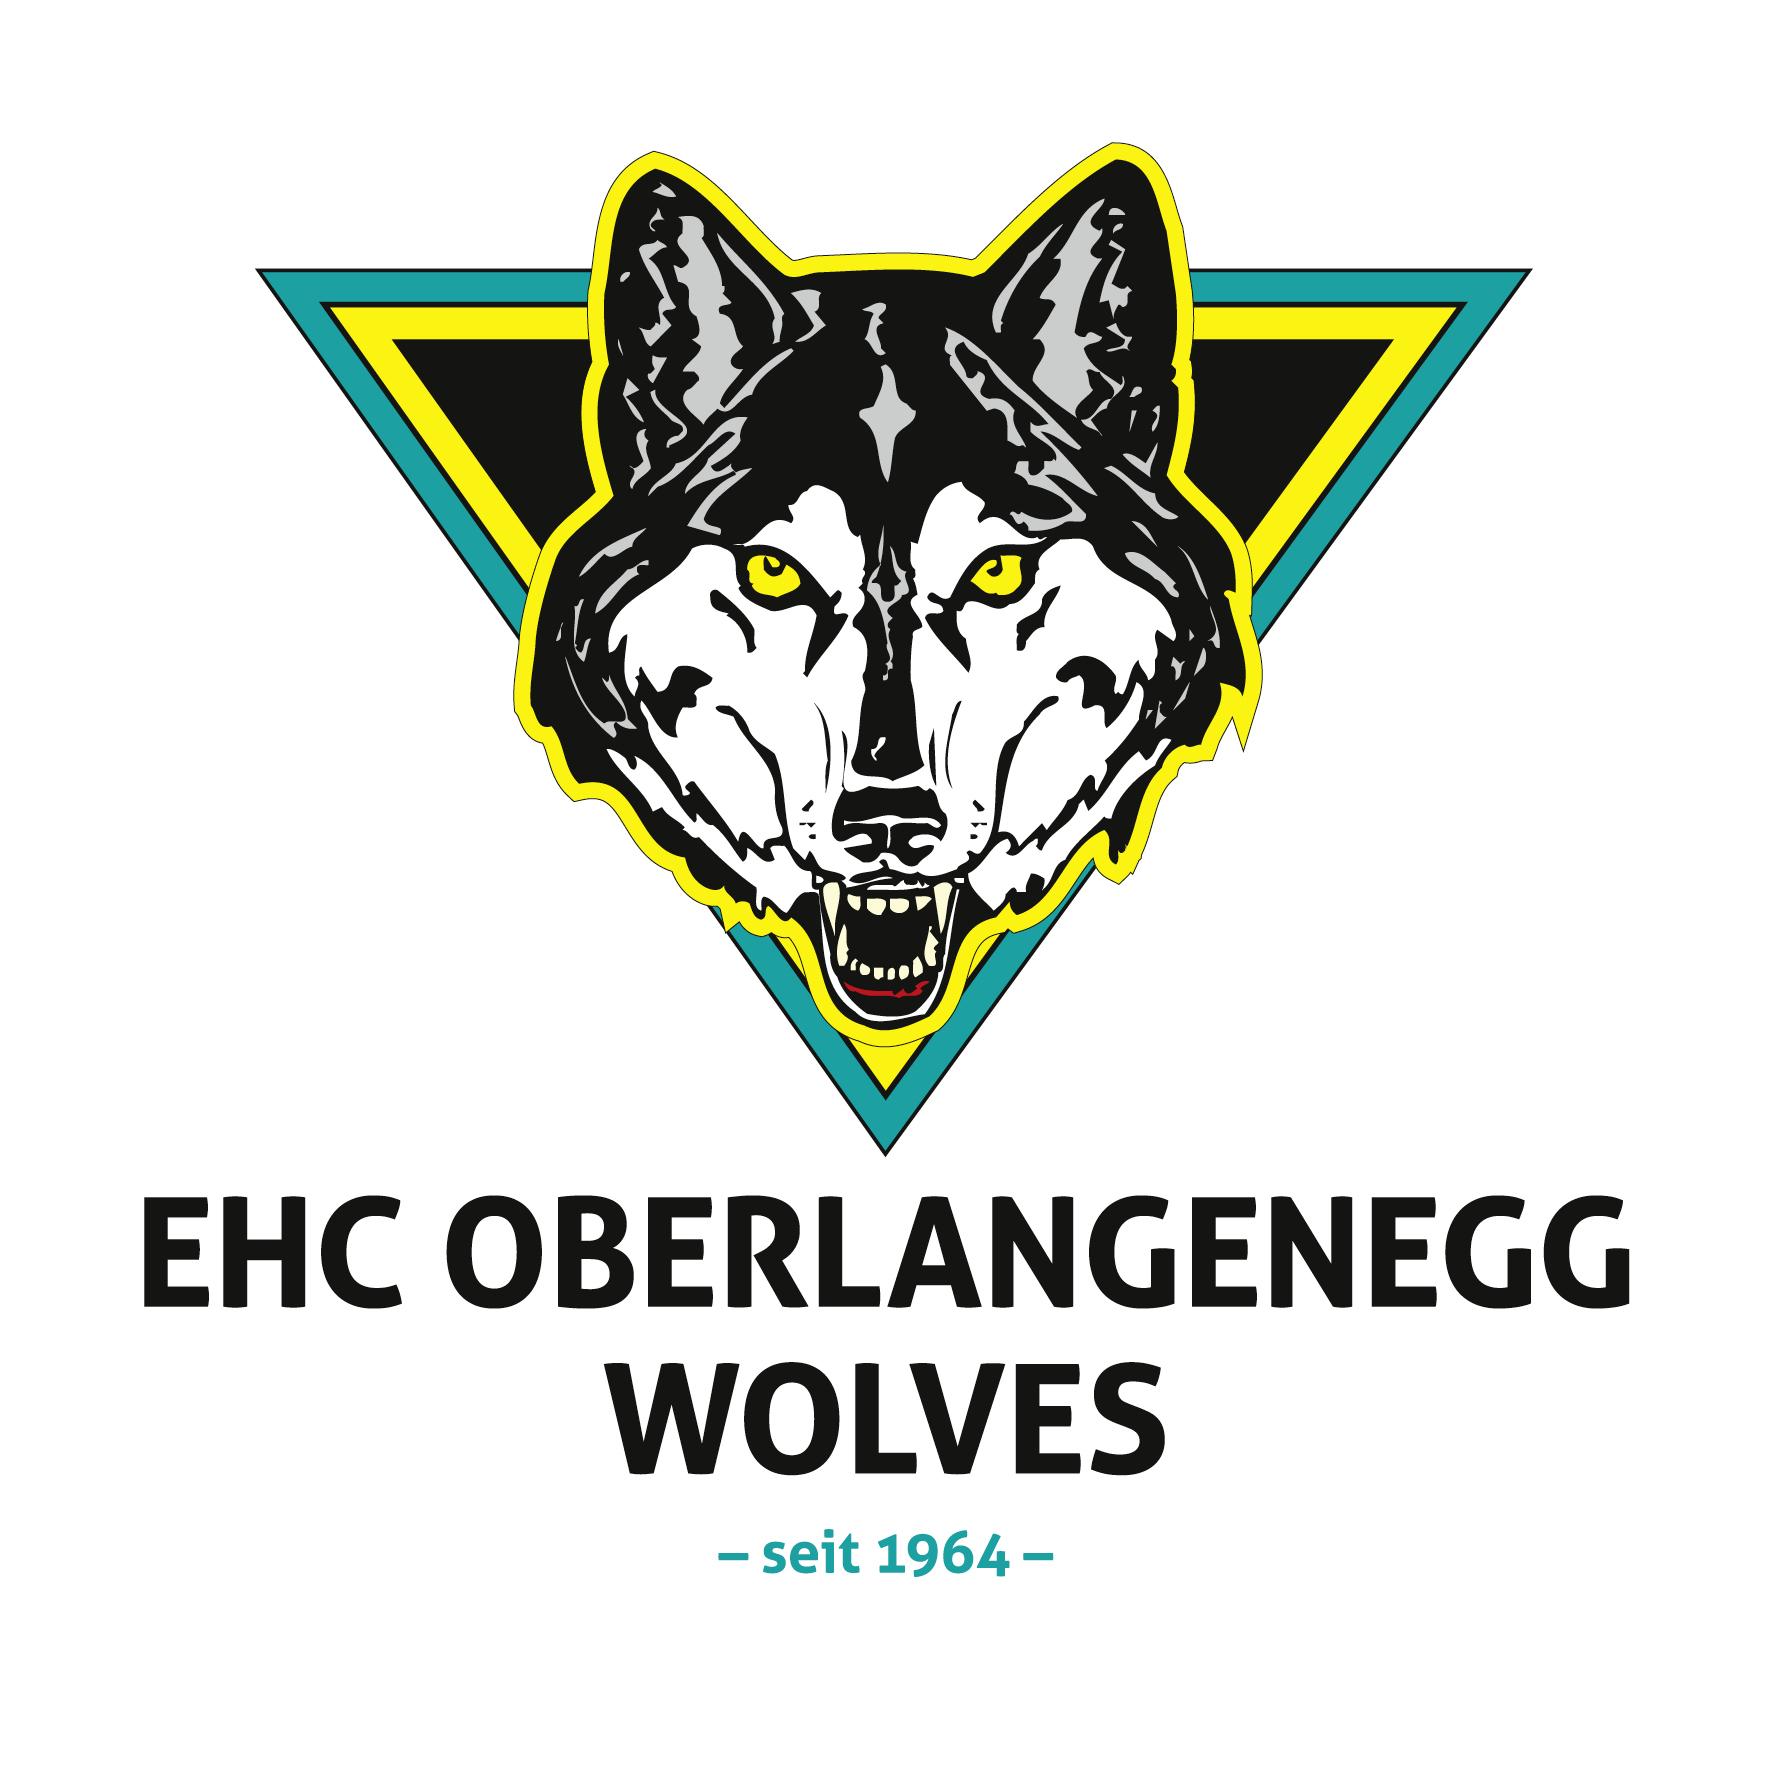 EHC Oberlangenegg Wolves